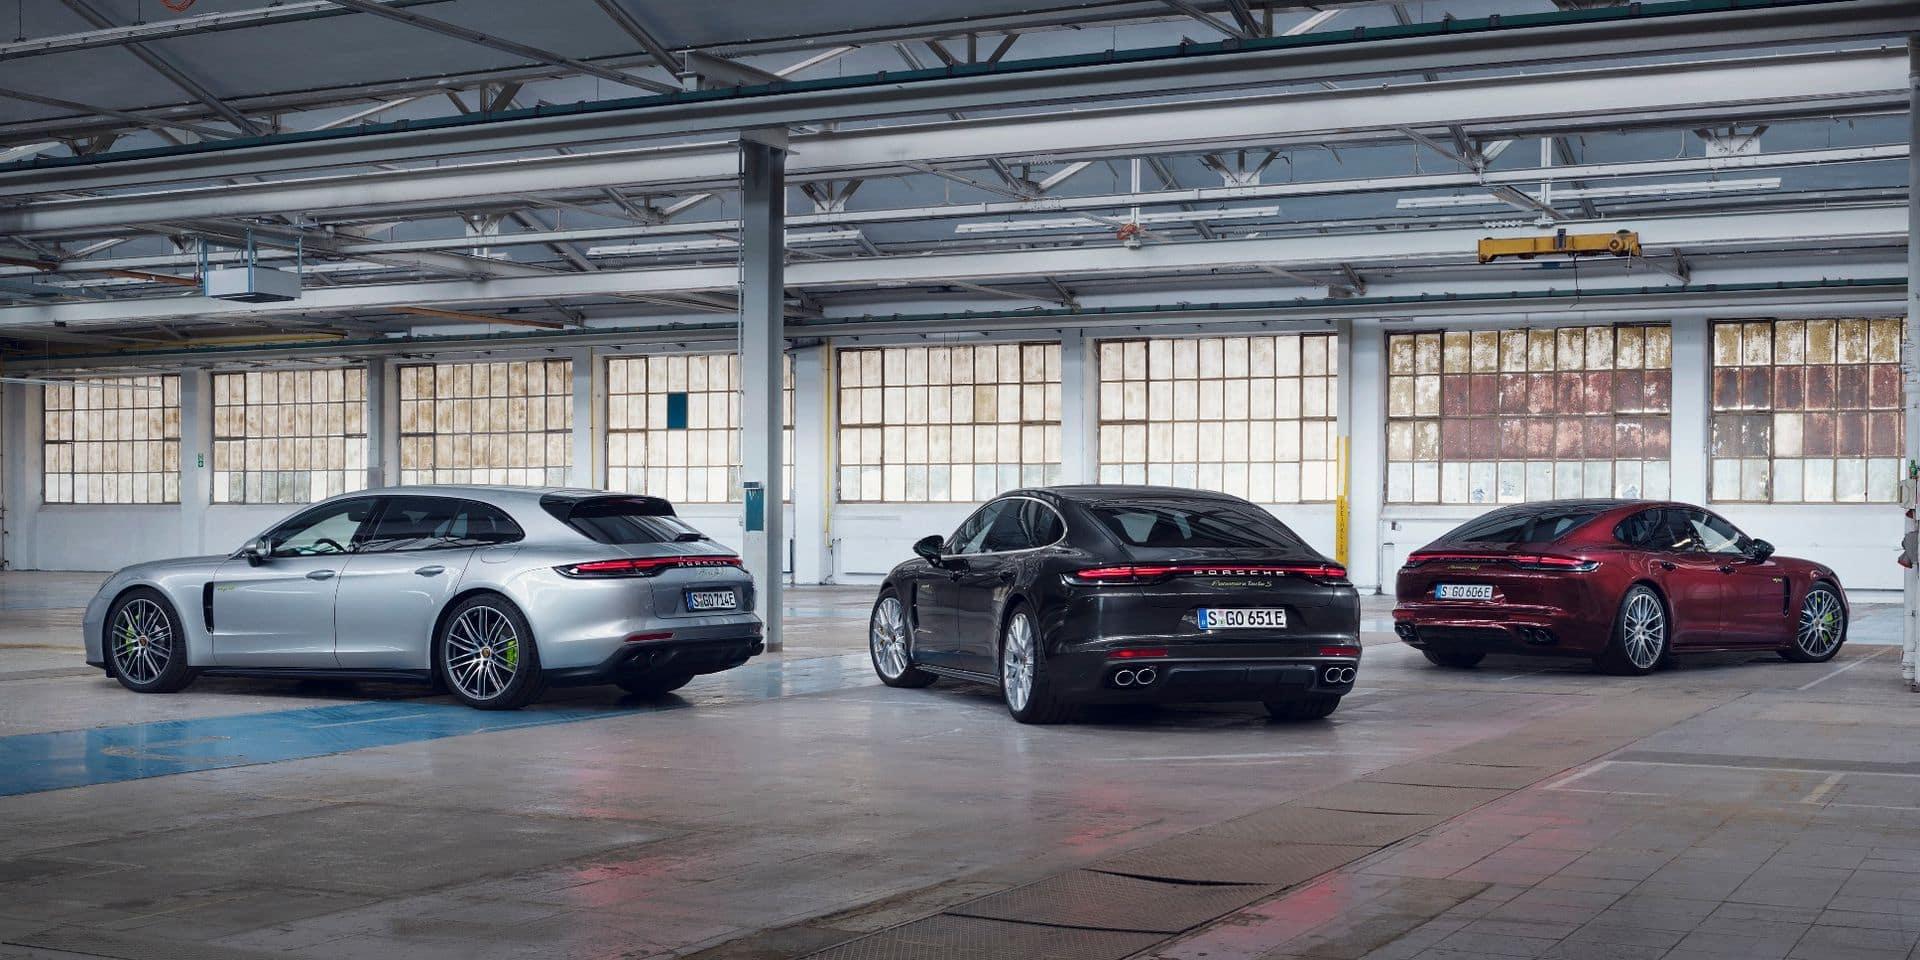 Porsche Panamera : 700 chevaux et… 62 grammes de CO2 !